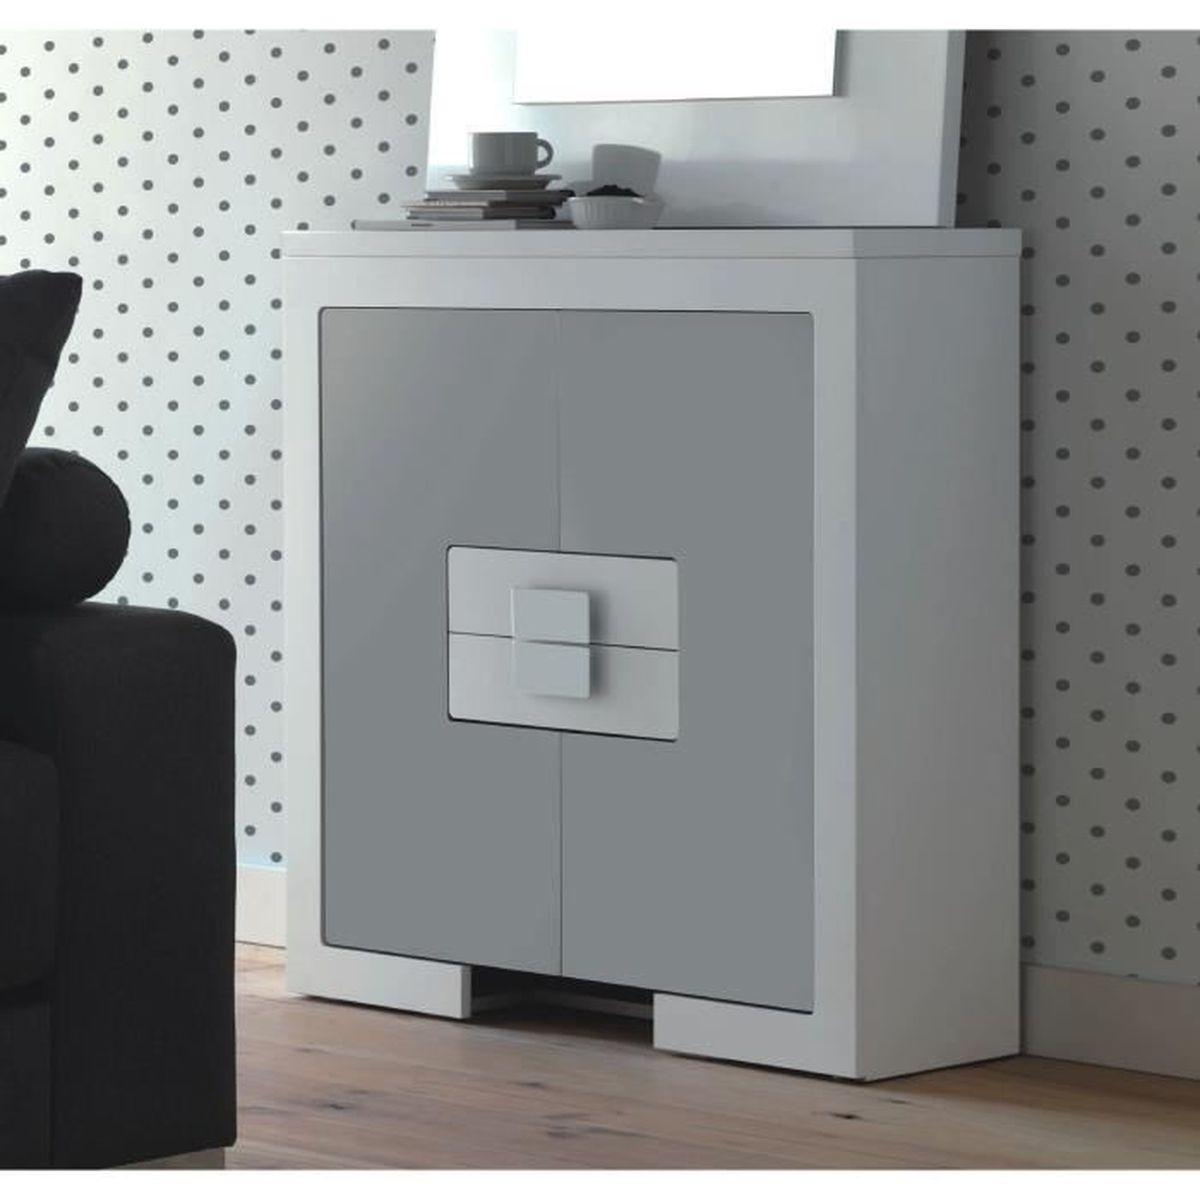 meuble de rangement laque gris achat vente meuble de rangement laque gris pas cher les. Black Bedroom Furniture Sets. Home Design Ideas